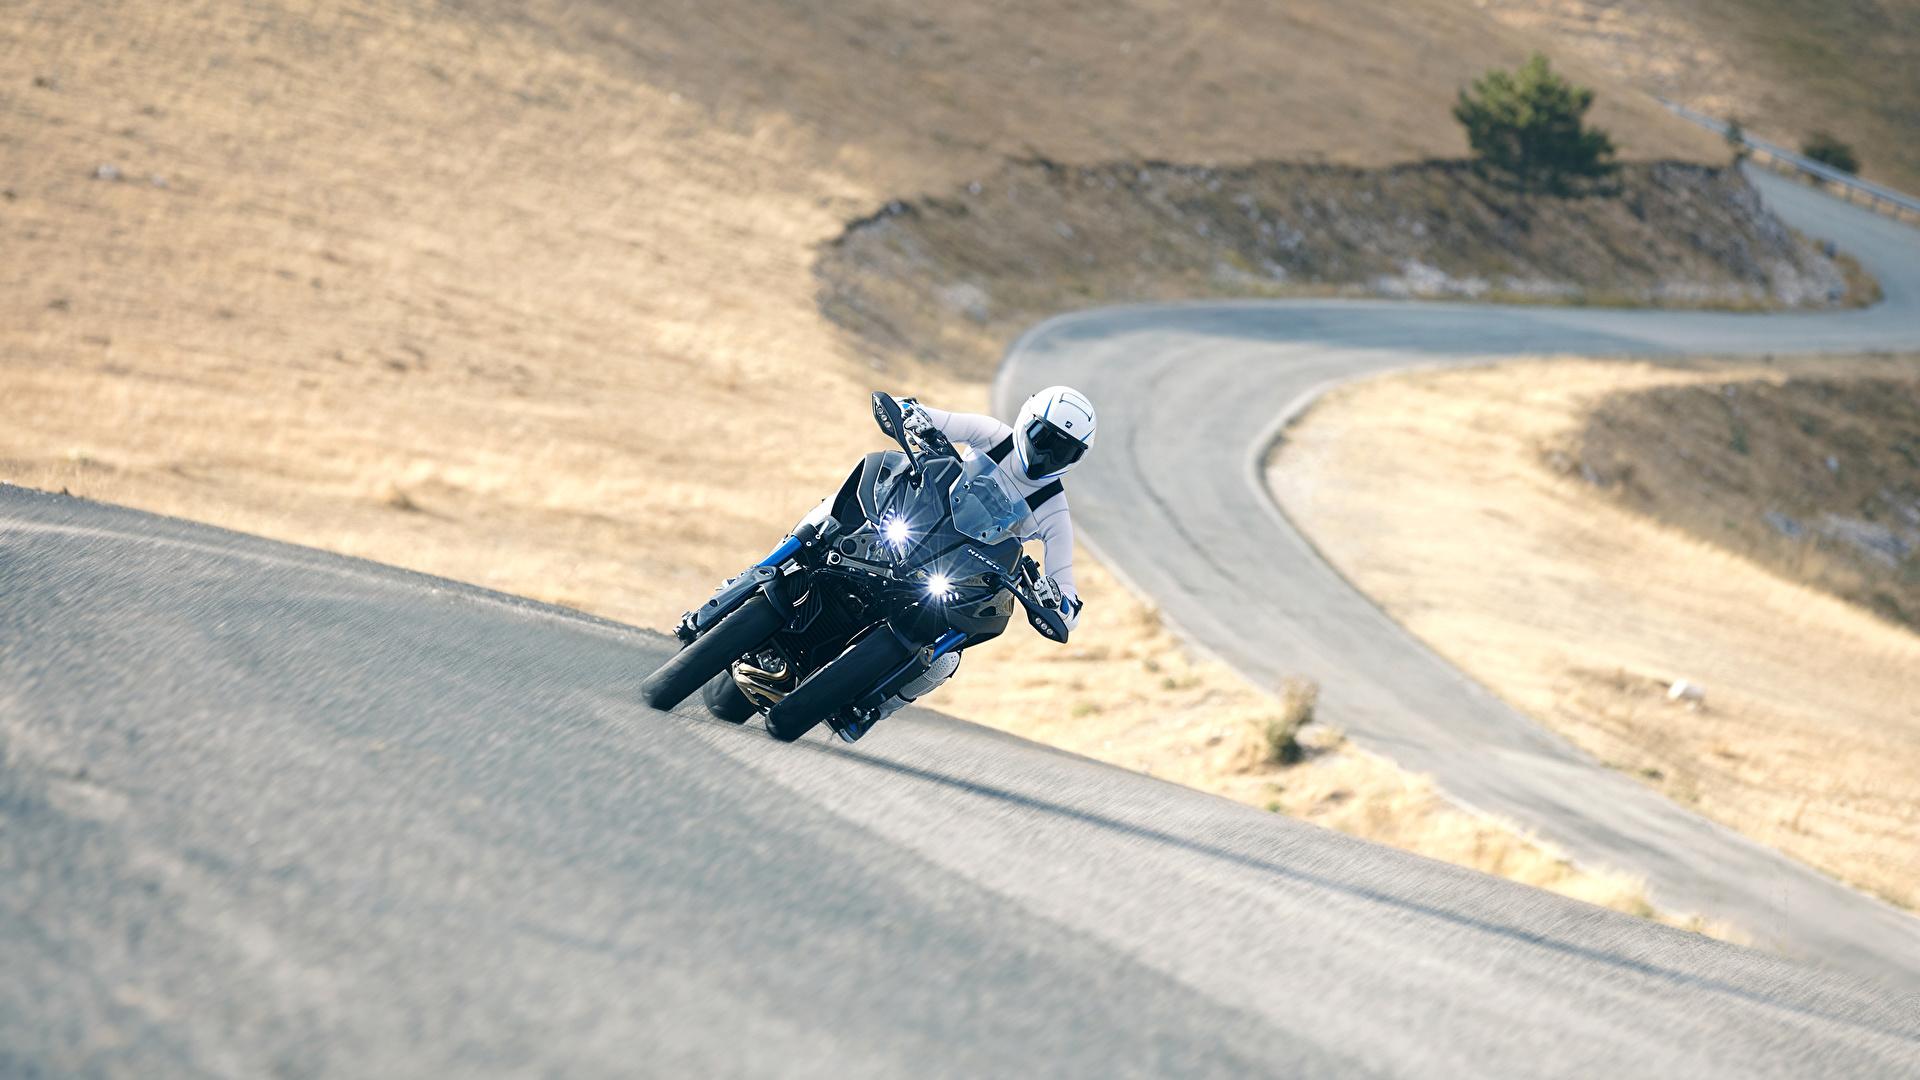 Фотография Ямаха 2018 Niken Мотоциклы едущий Мотоциклист 1920x1080 Yamaha мотоцикл едет едущая Движение скорость